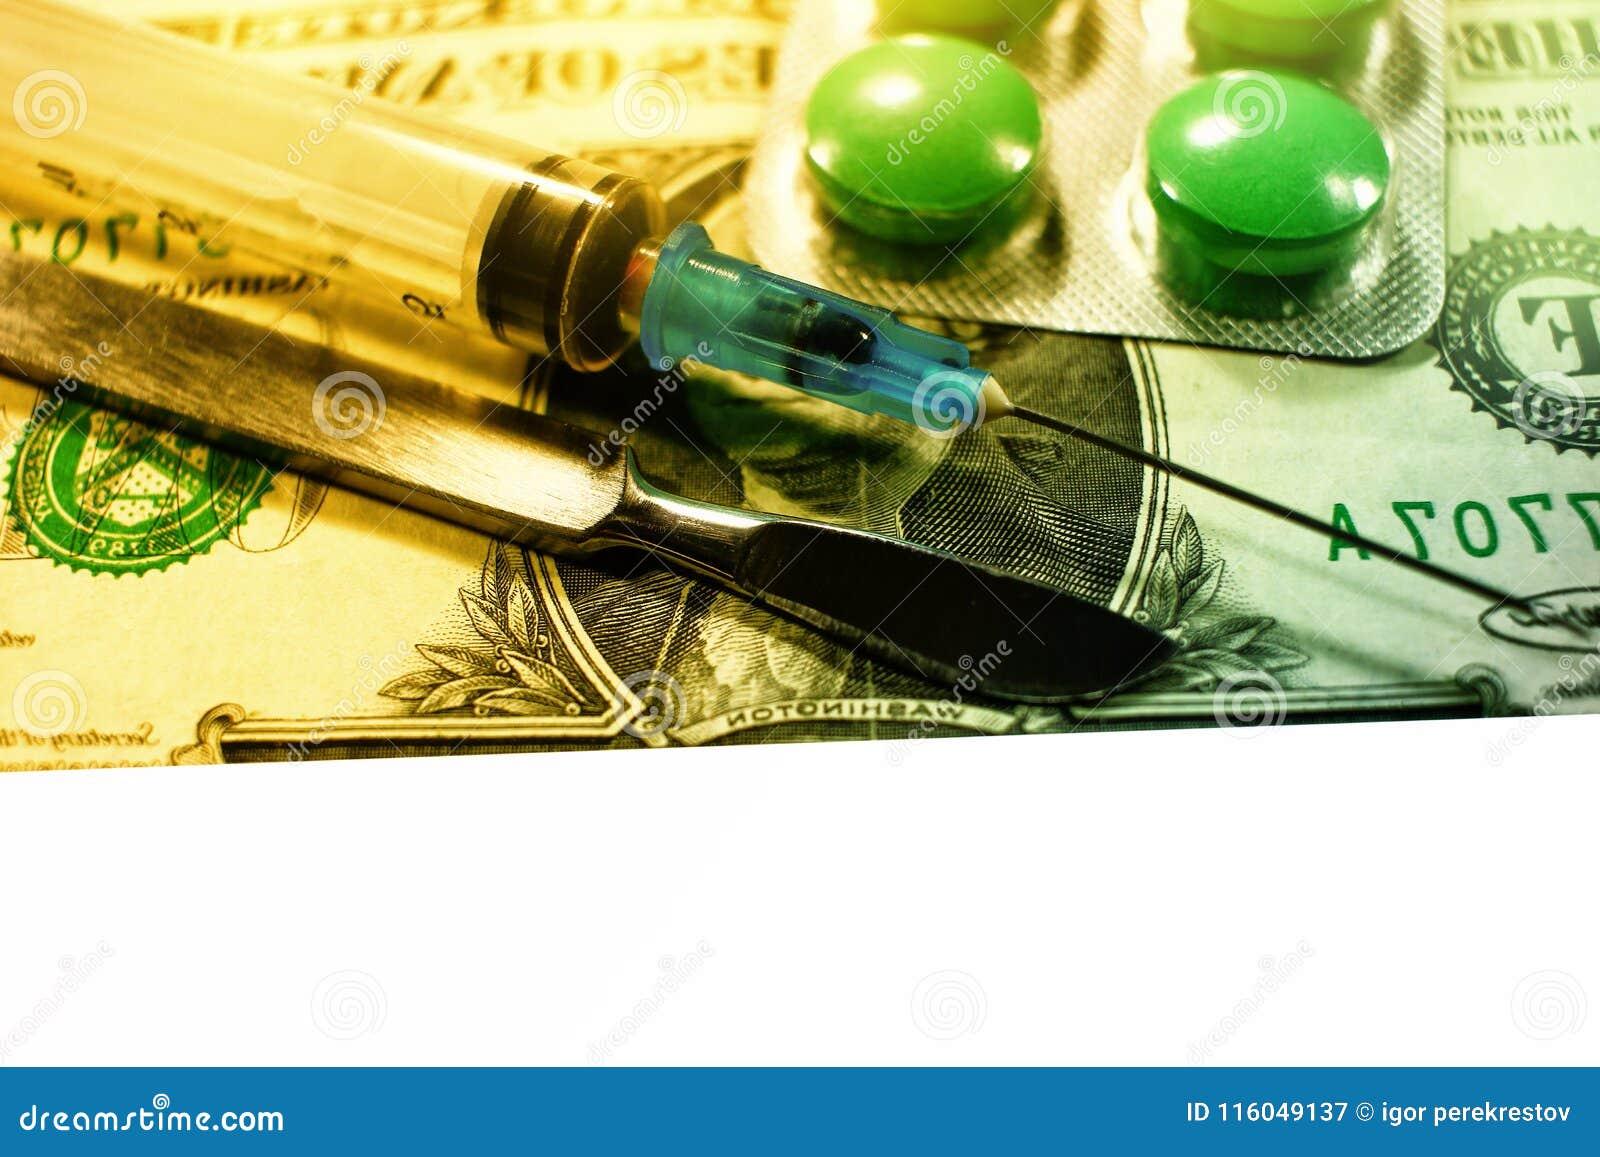 Stetoskop, wydatek na zdrowie lub pomoc finansowa,